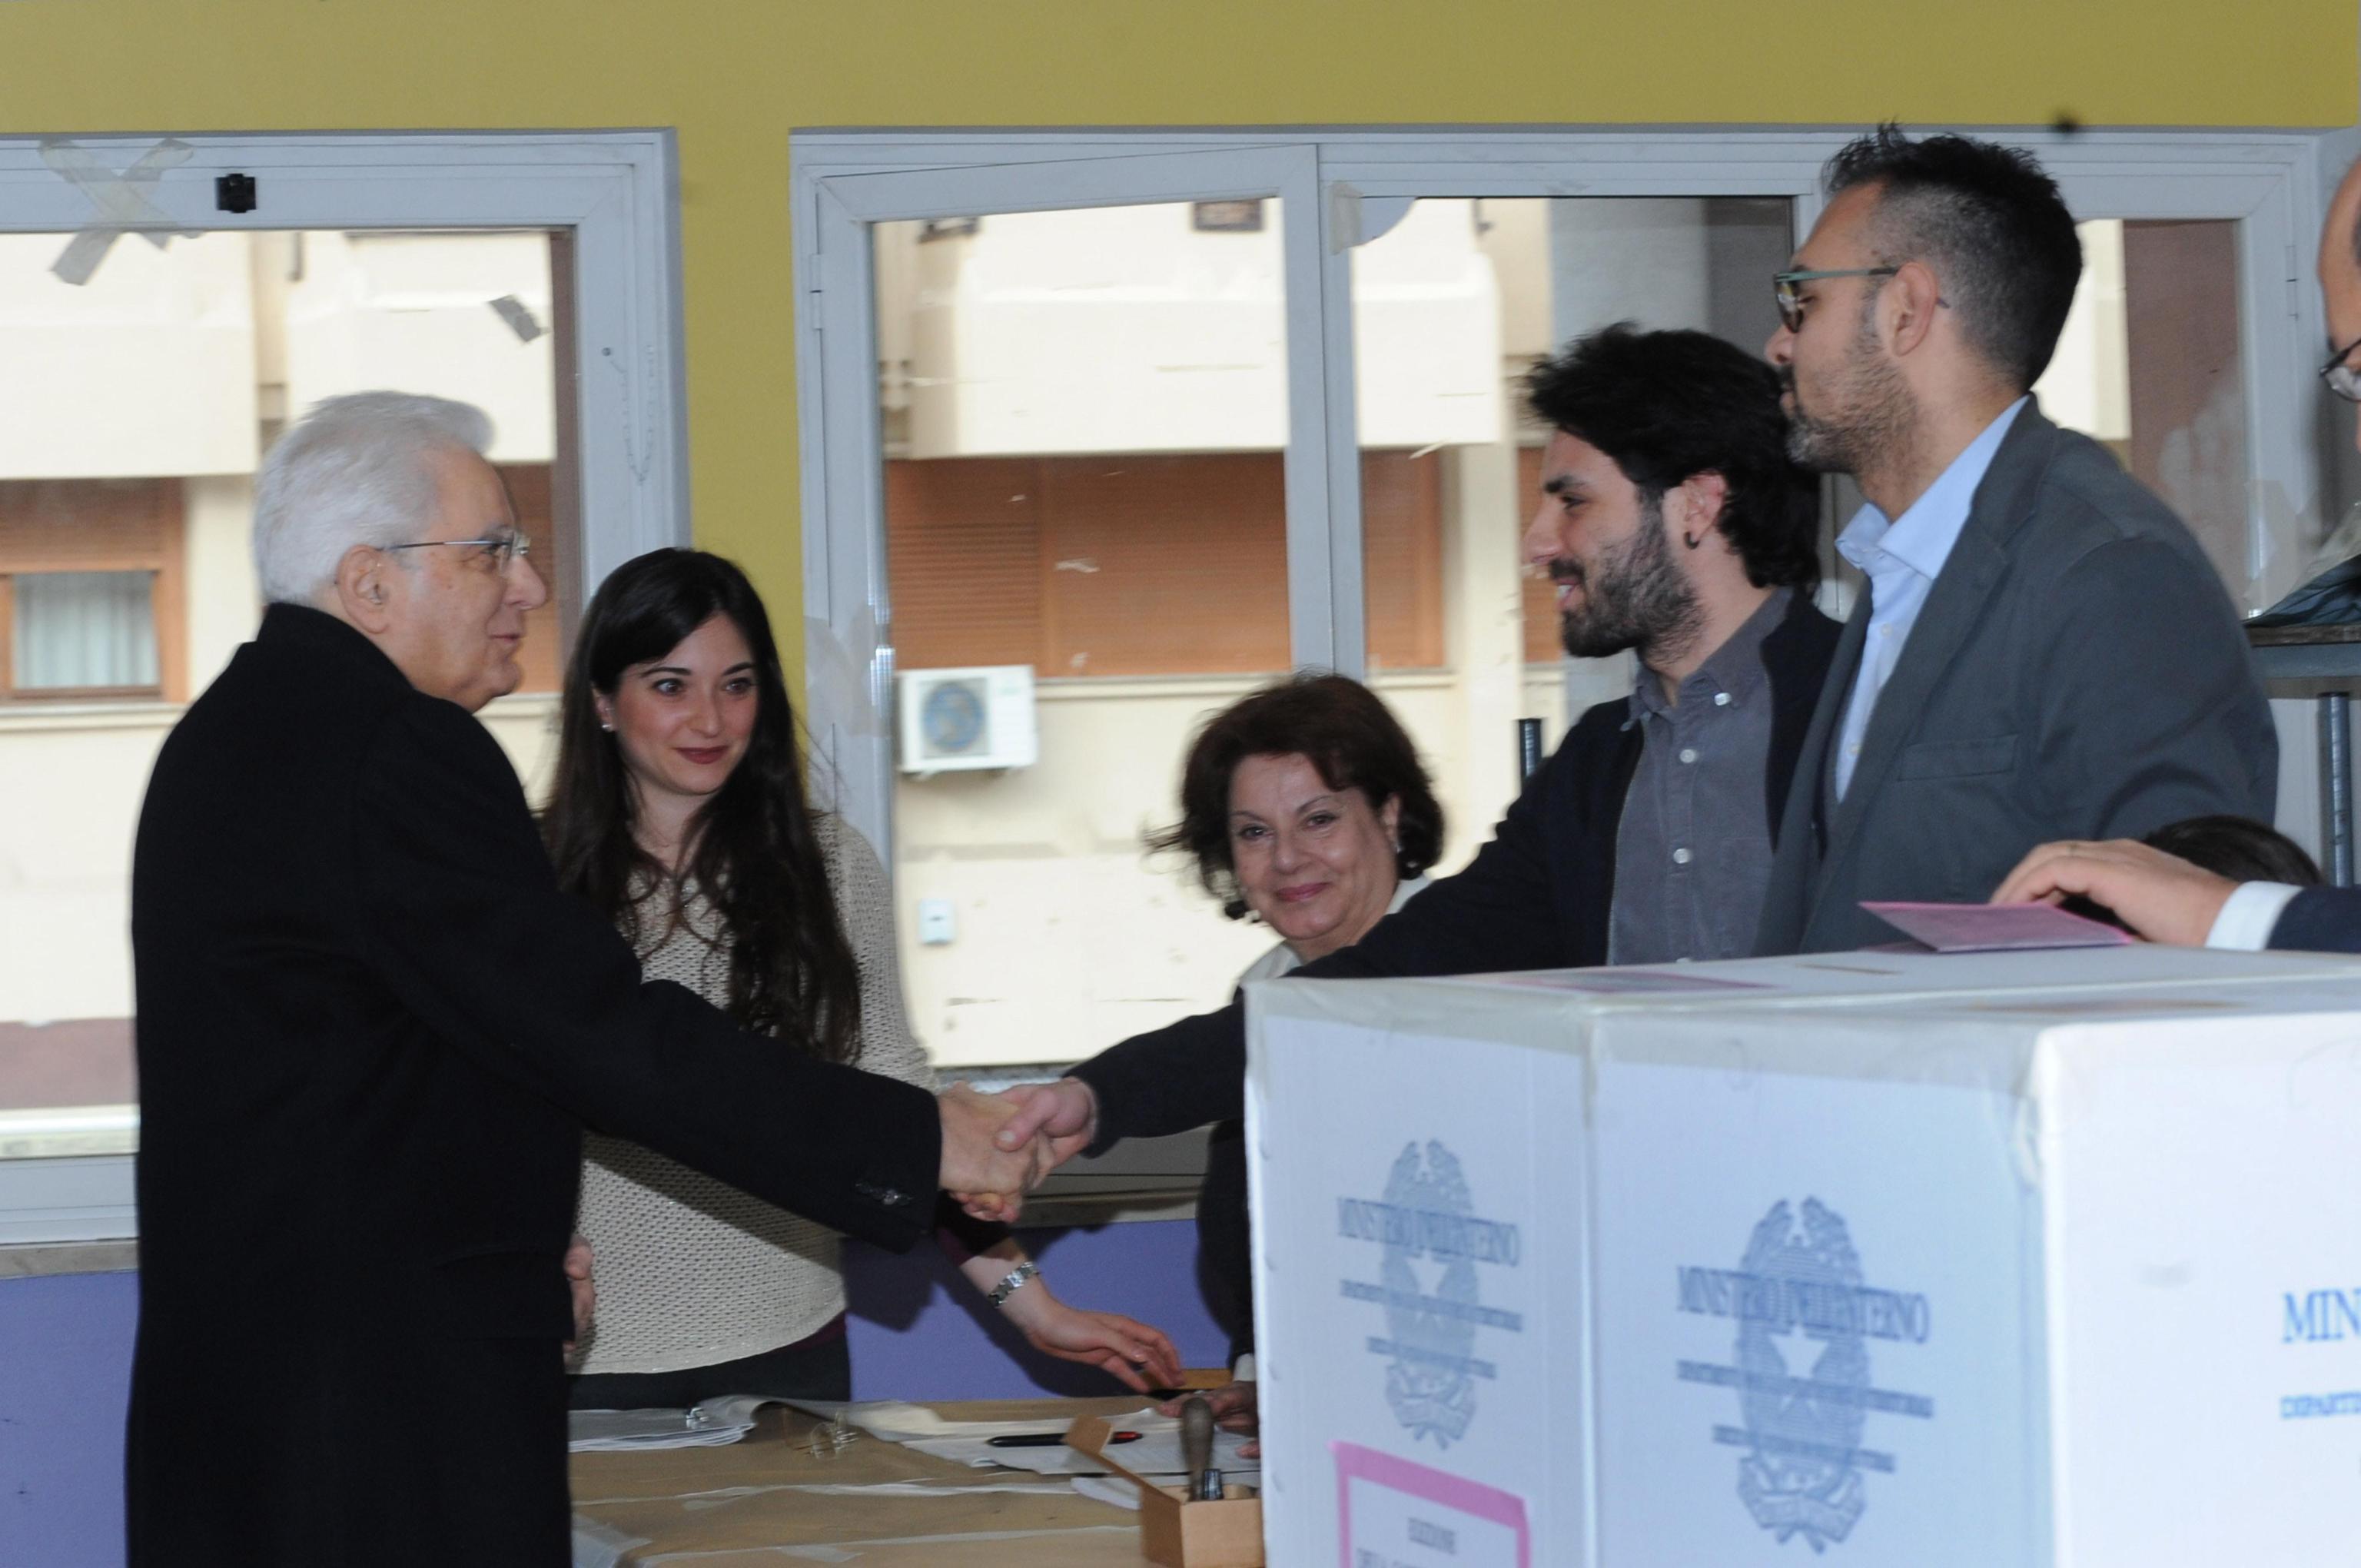 Elezioni 2018, Sergio Mattarella alle urne